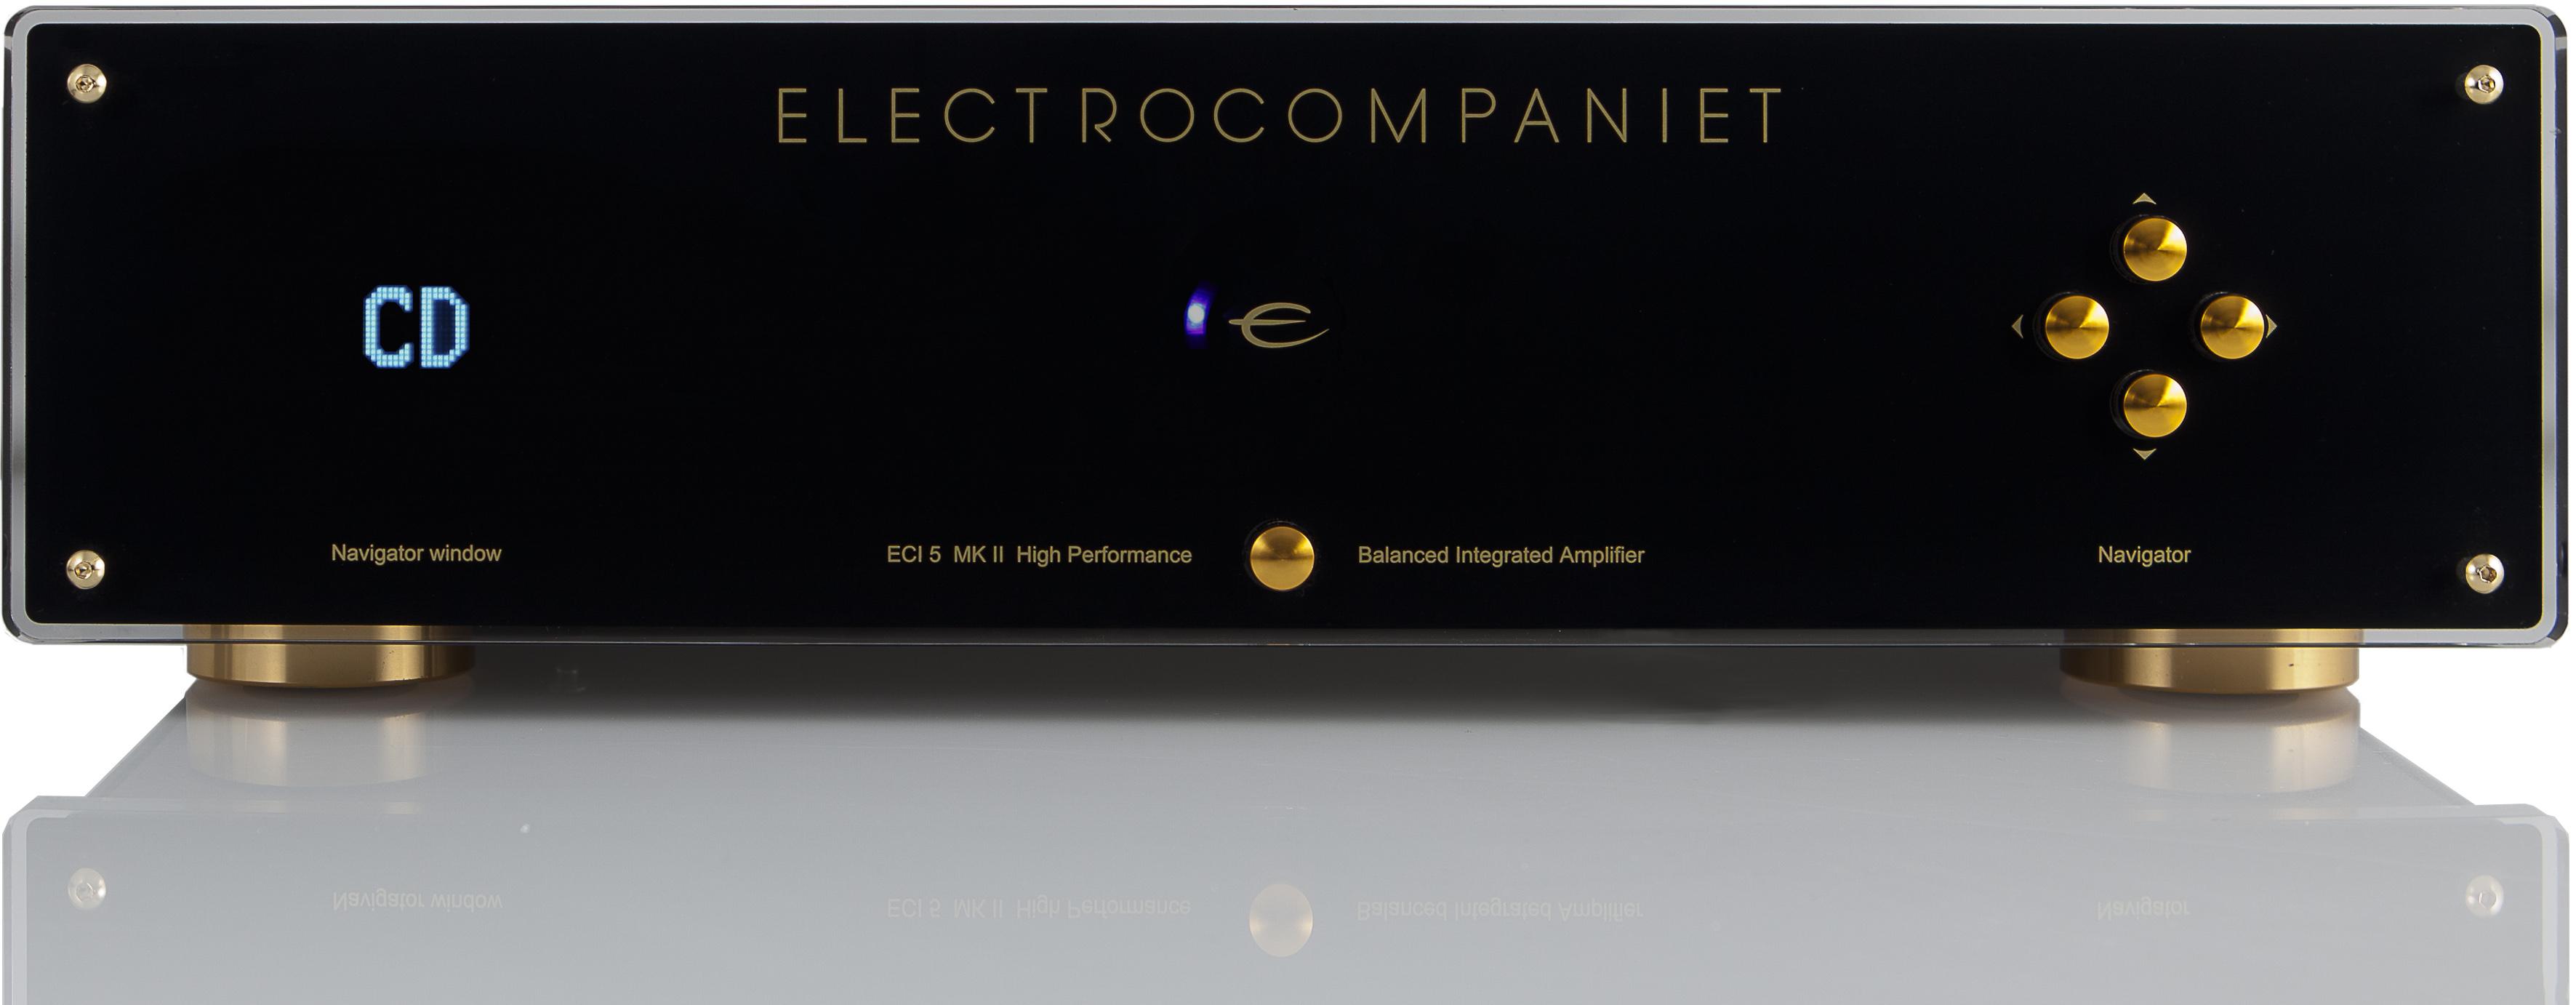 Интегральные стереоусилители Electrocompaniet, арт: 68054 - Интегральные стереоусилители